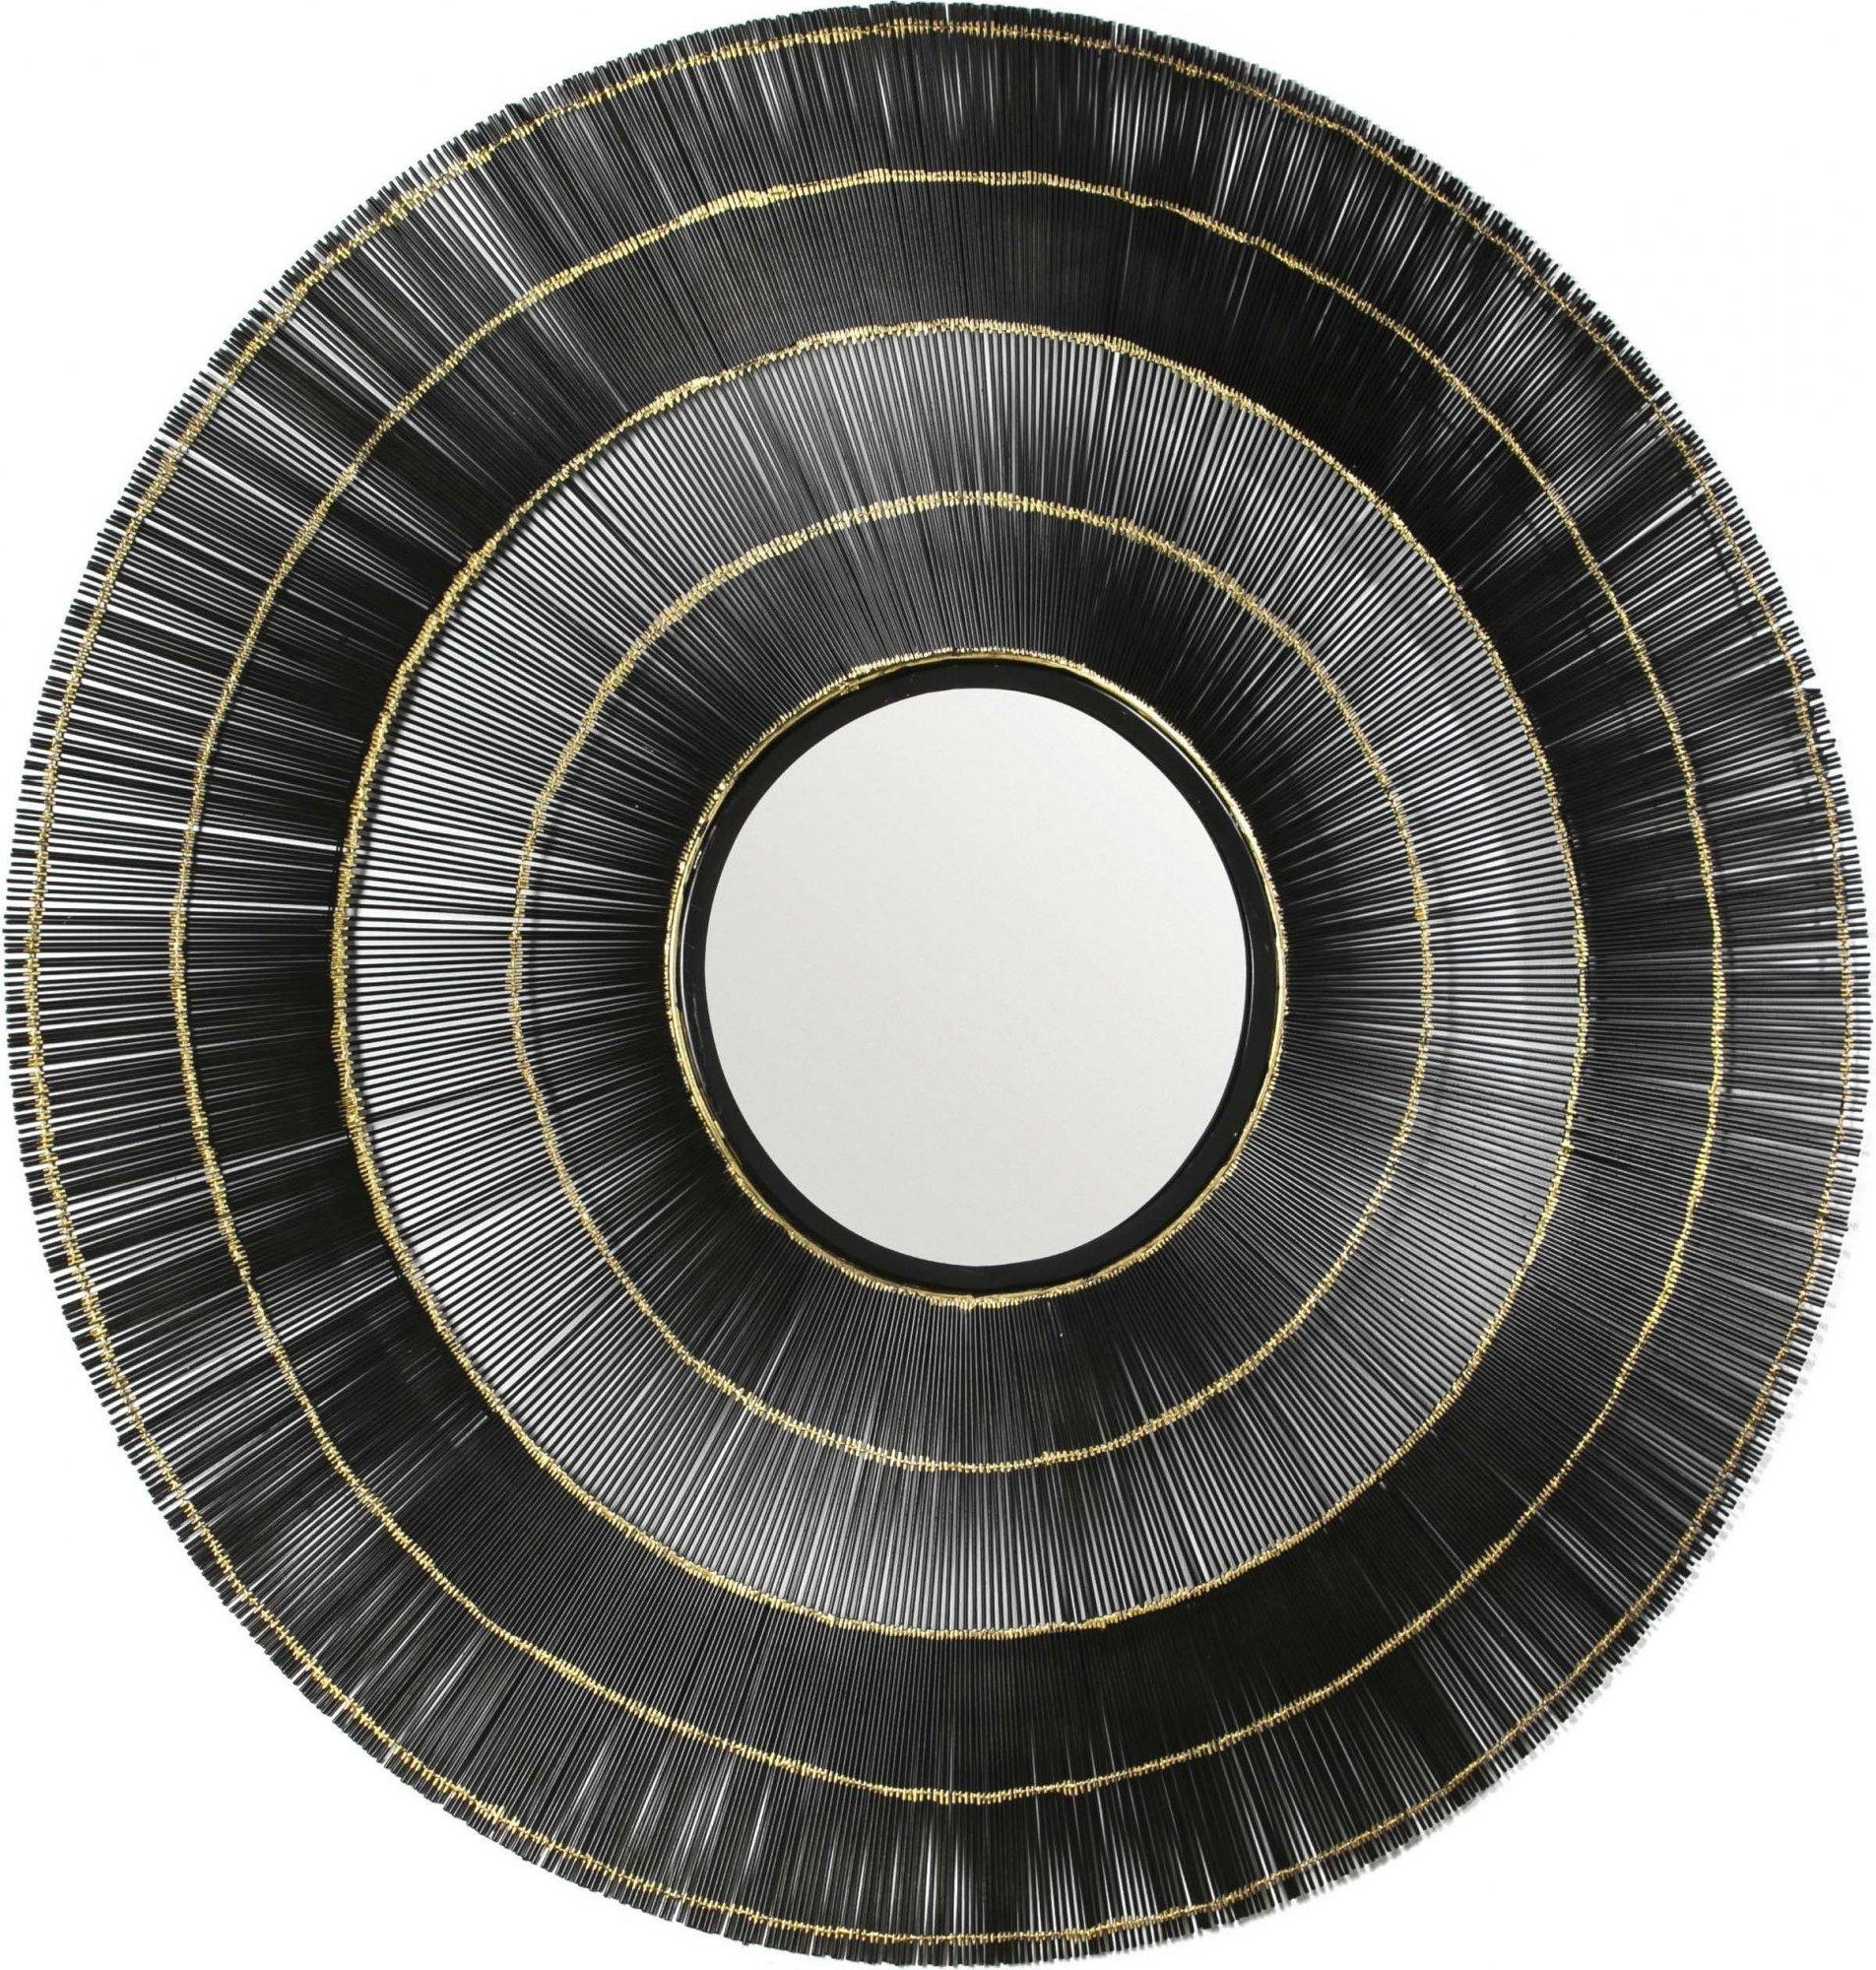 Miroir rond noir d114